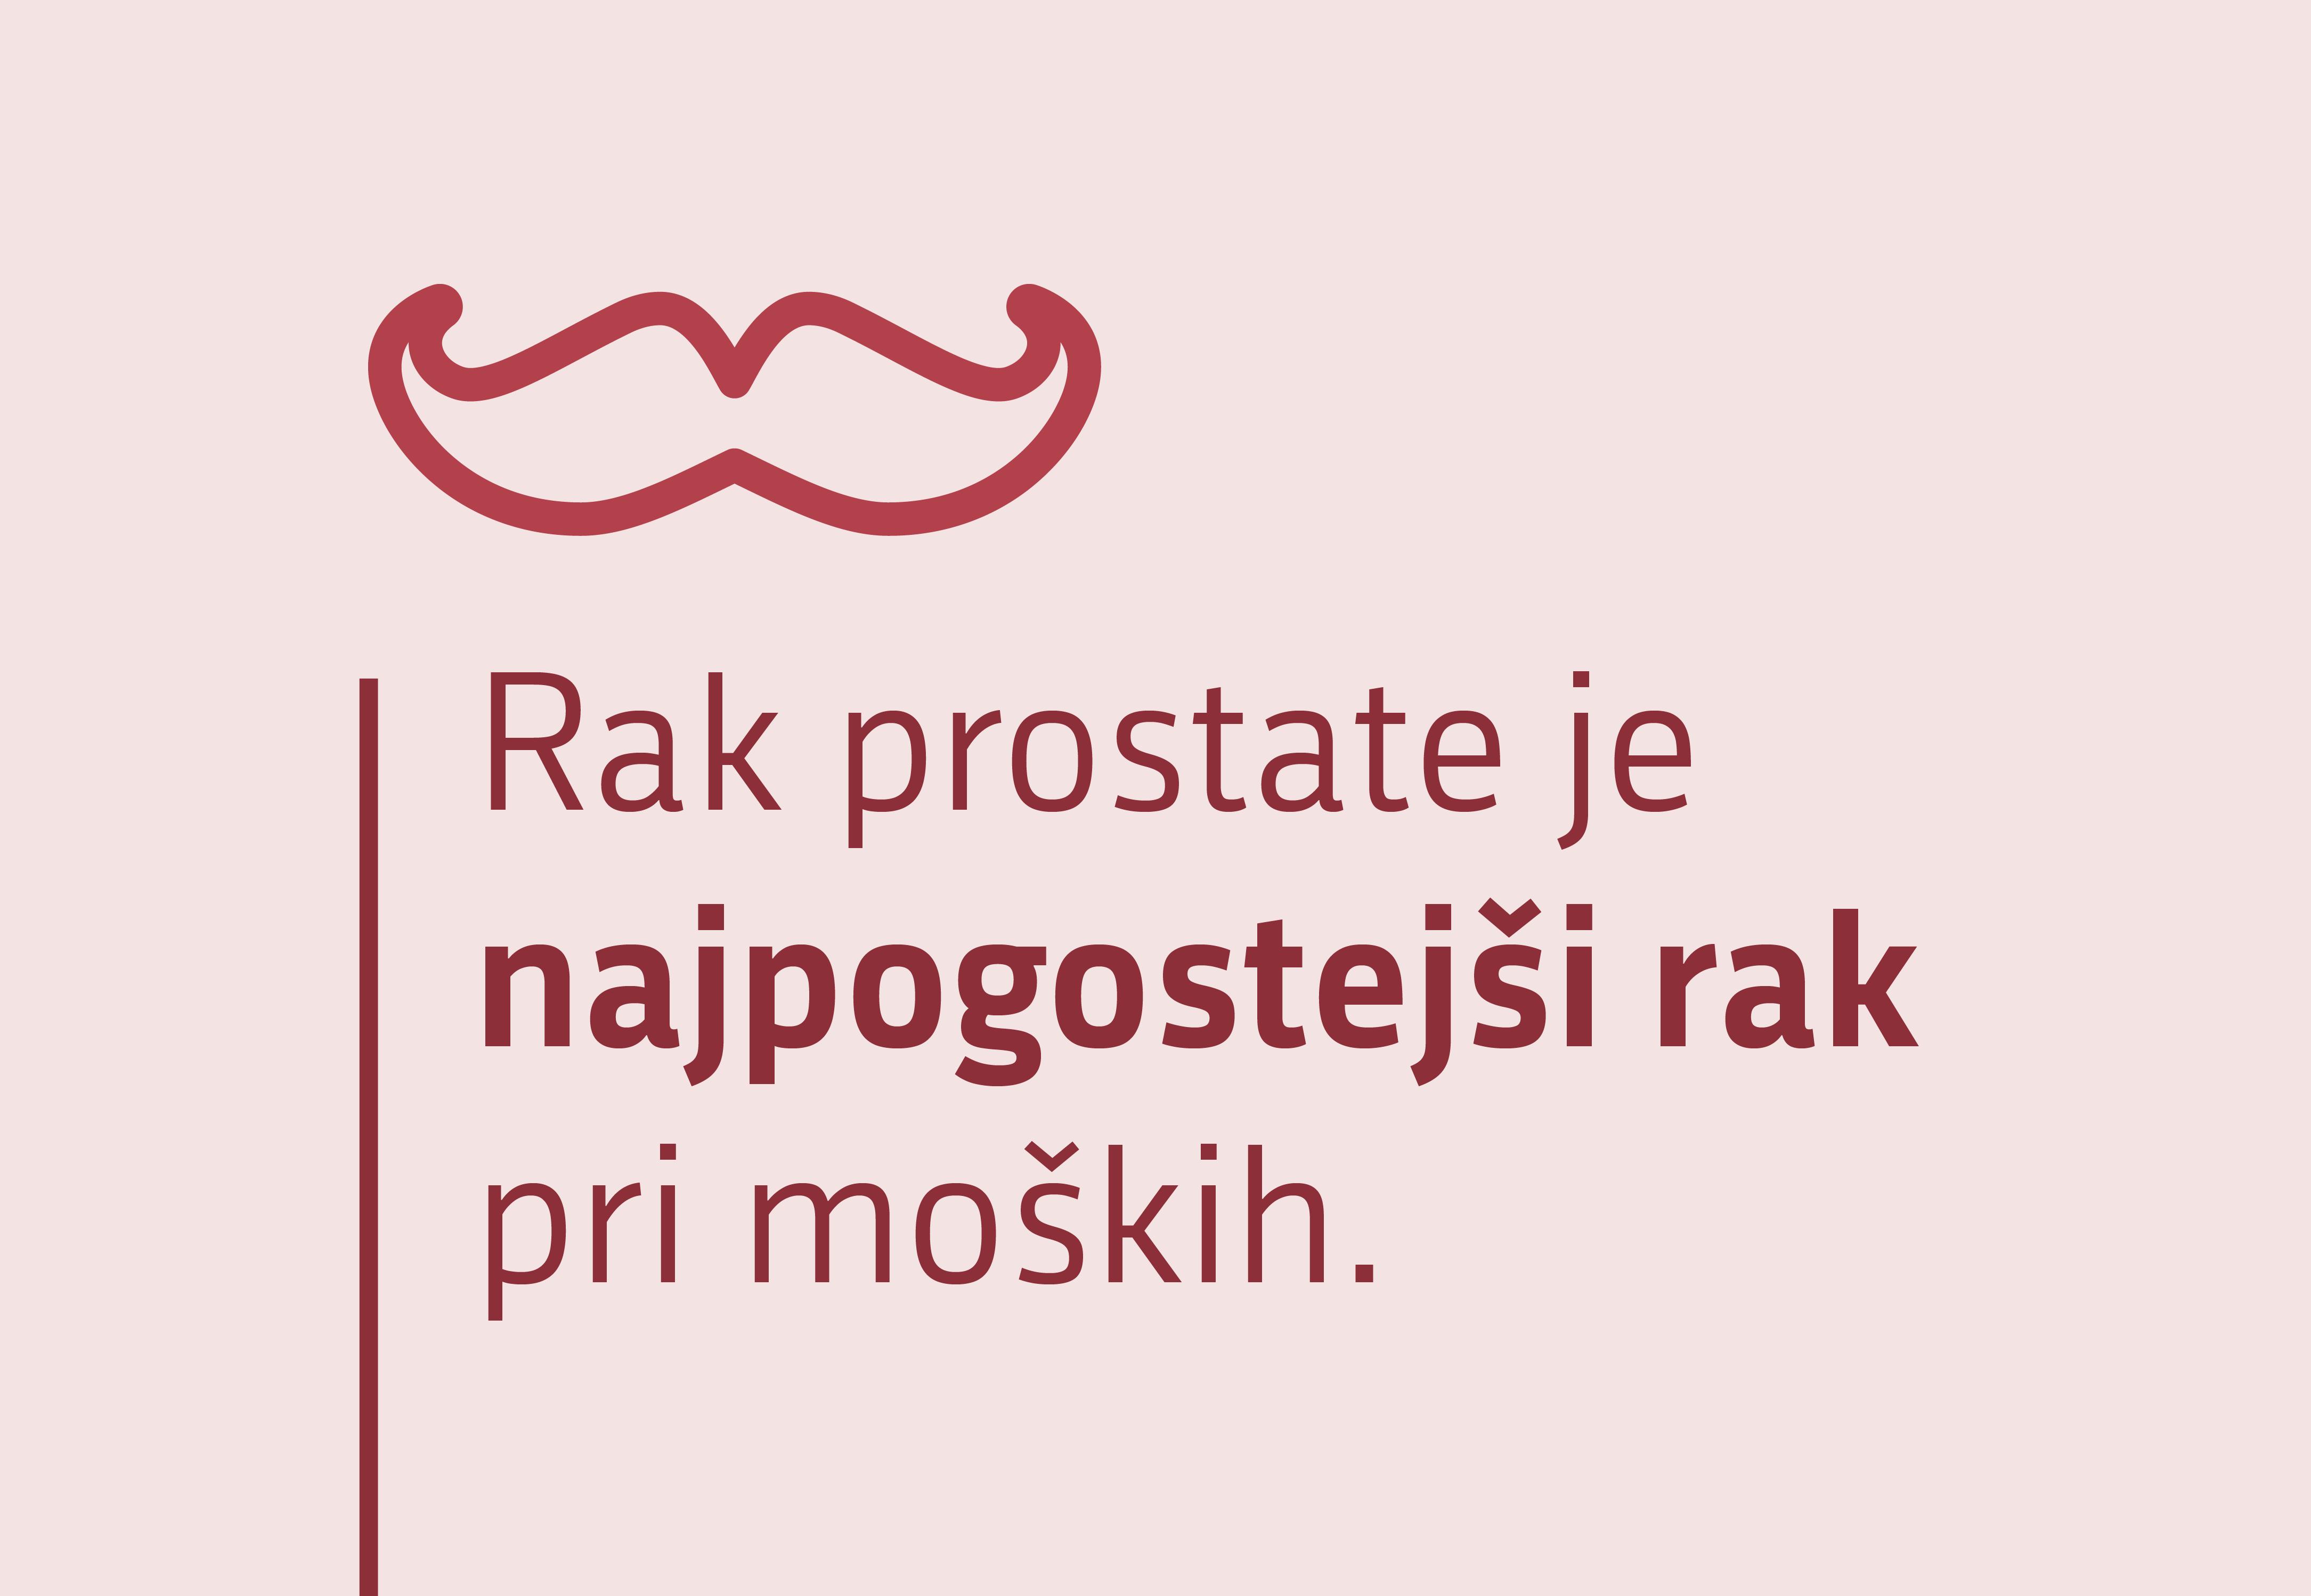 Rak prostate je najpogostejši rak pri moških